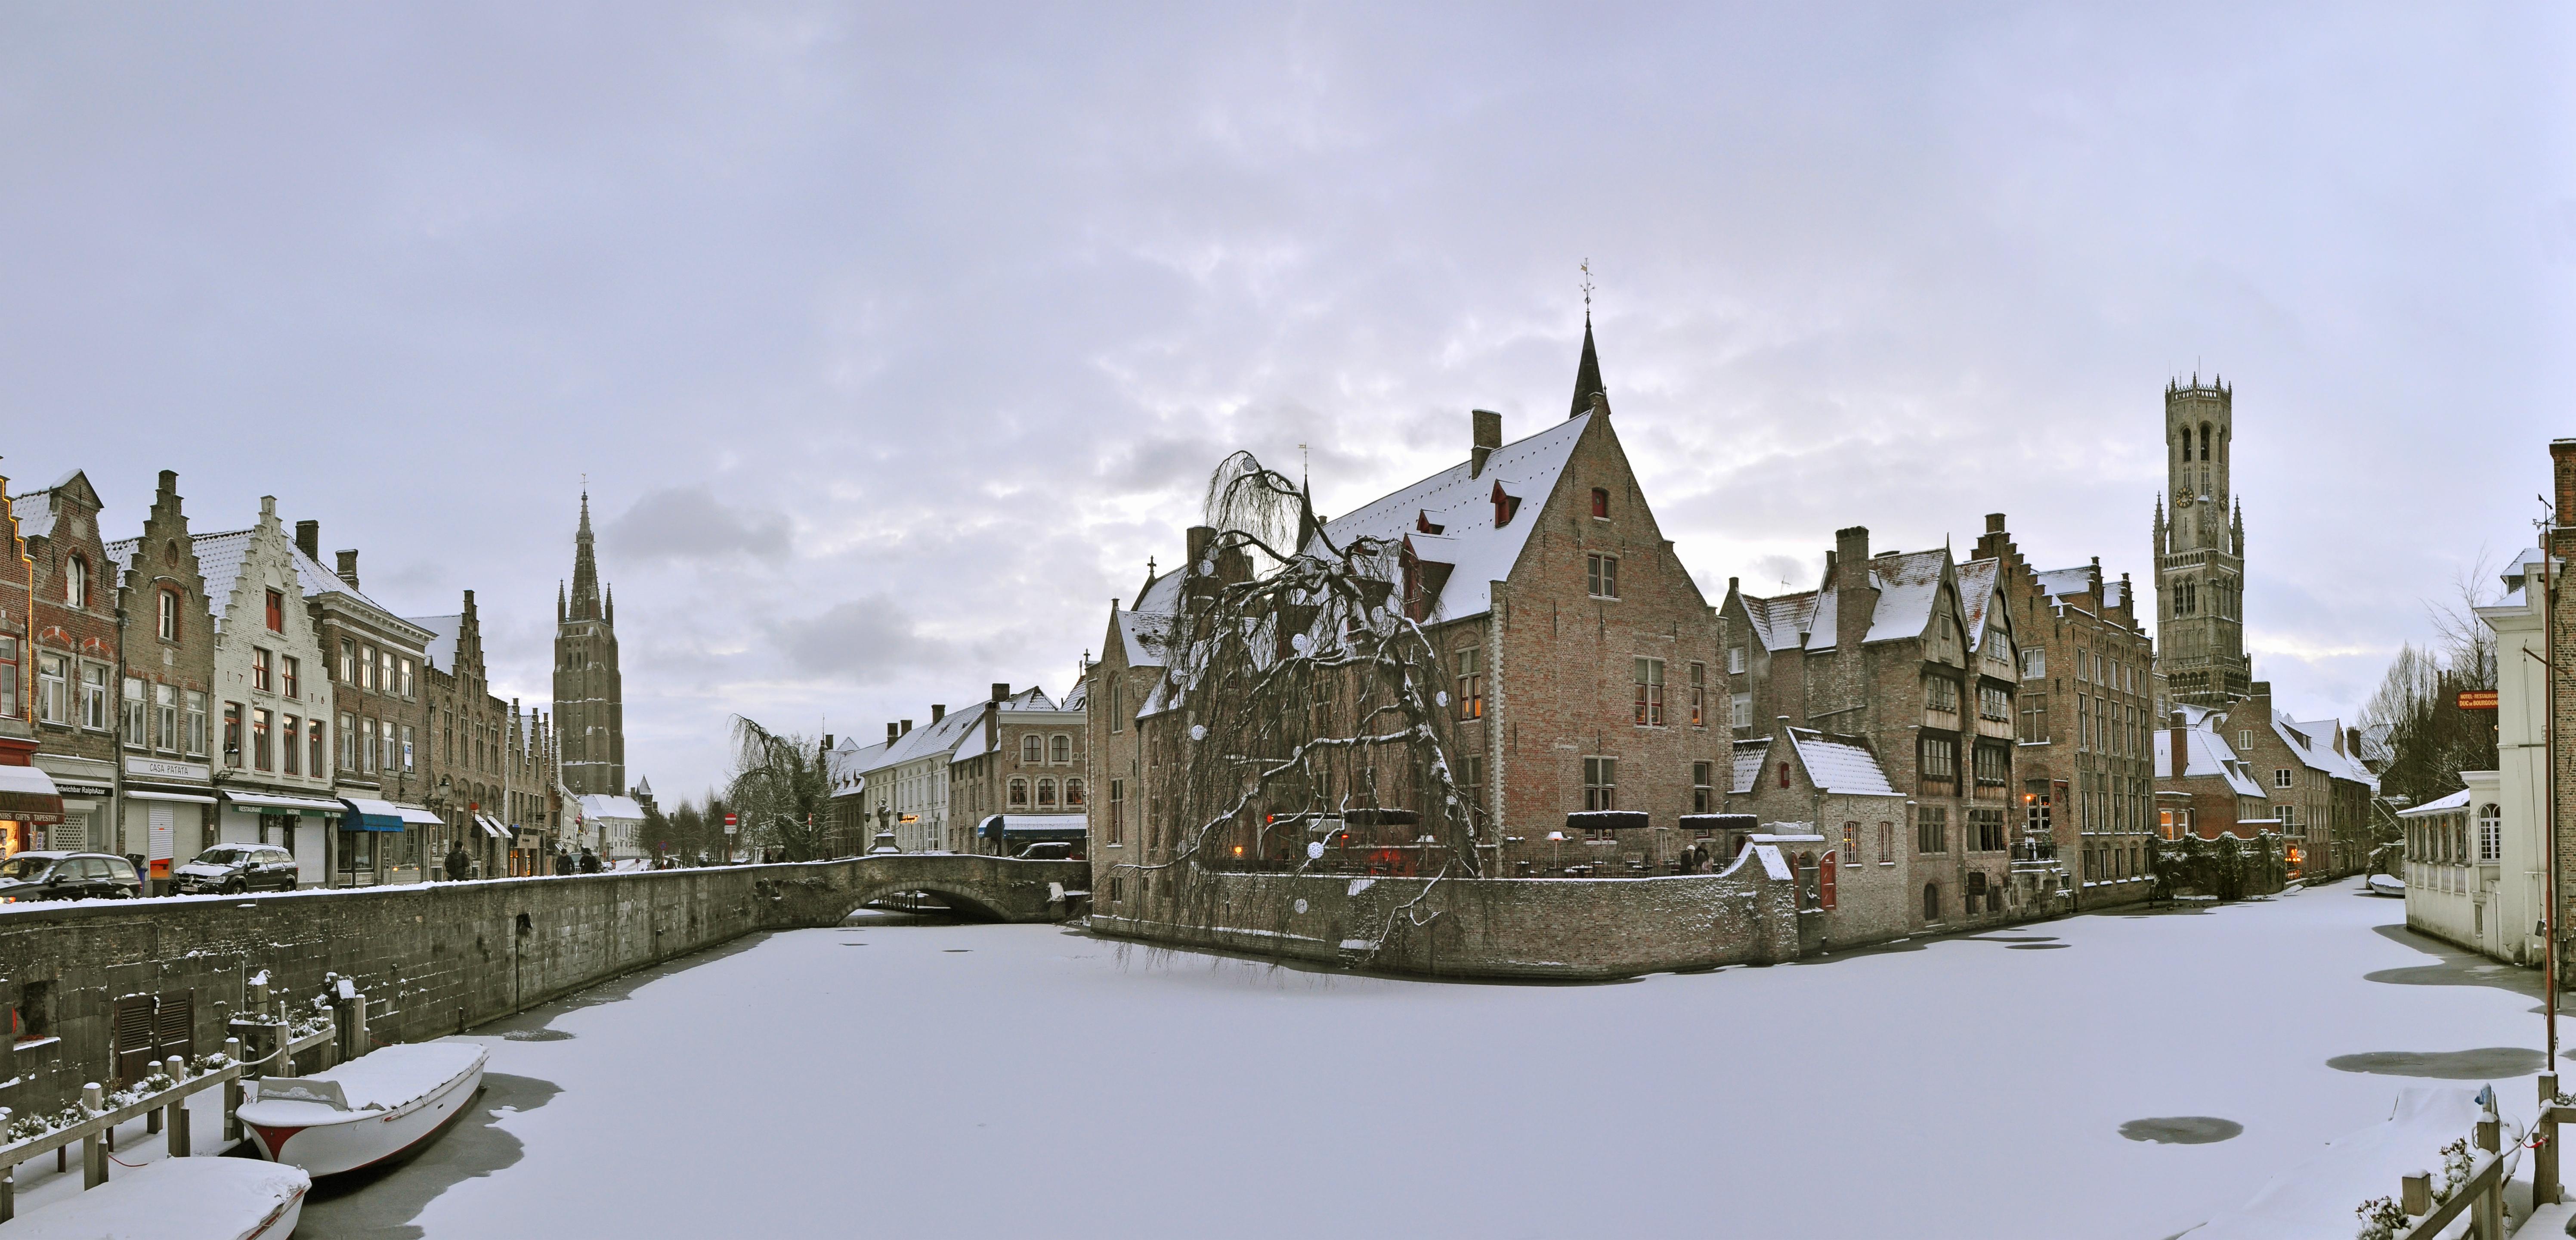 File:Brugge Rozenhoedkaai Winter R03.jpg - Wikimedia Commons